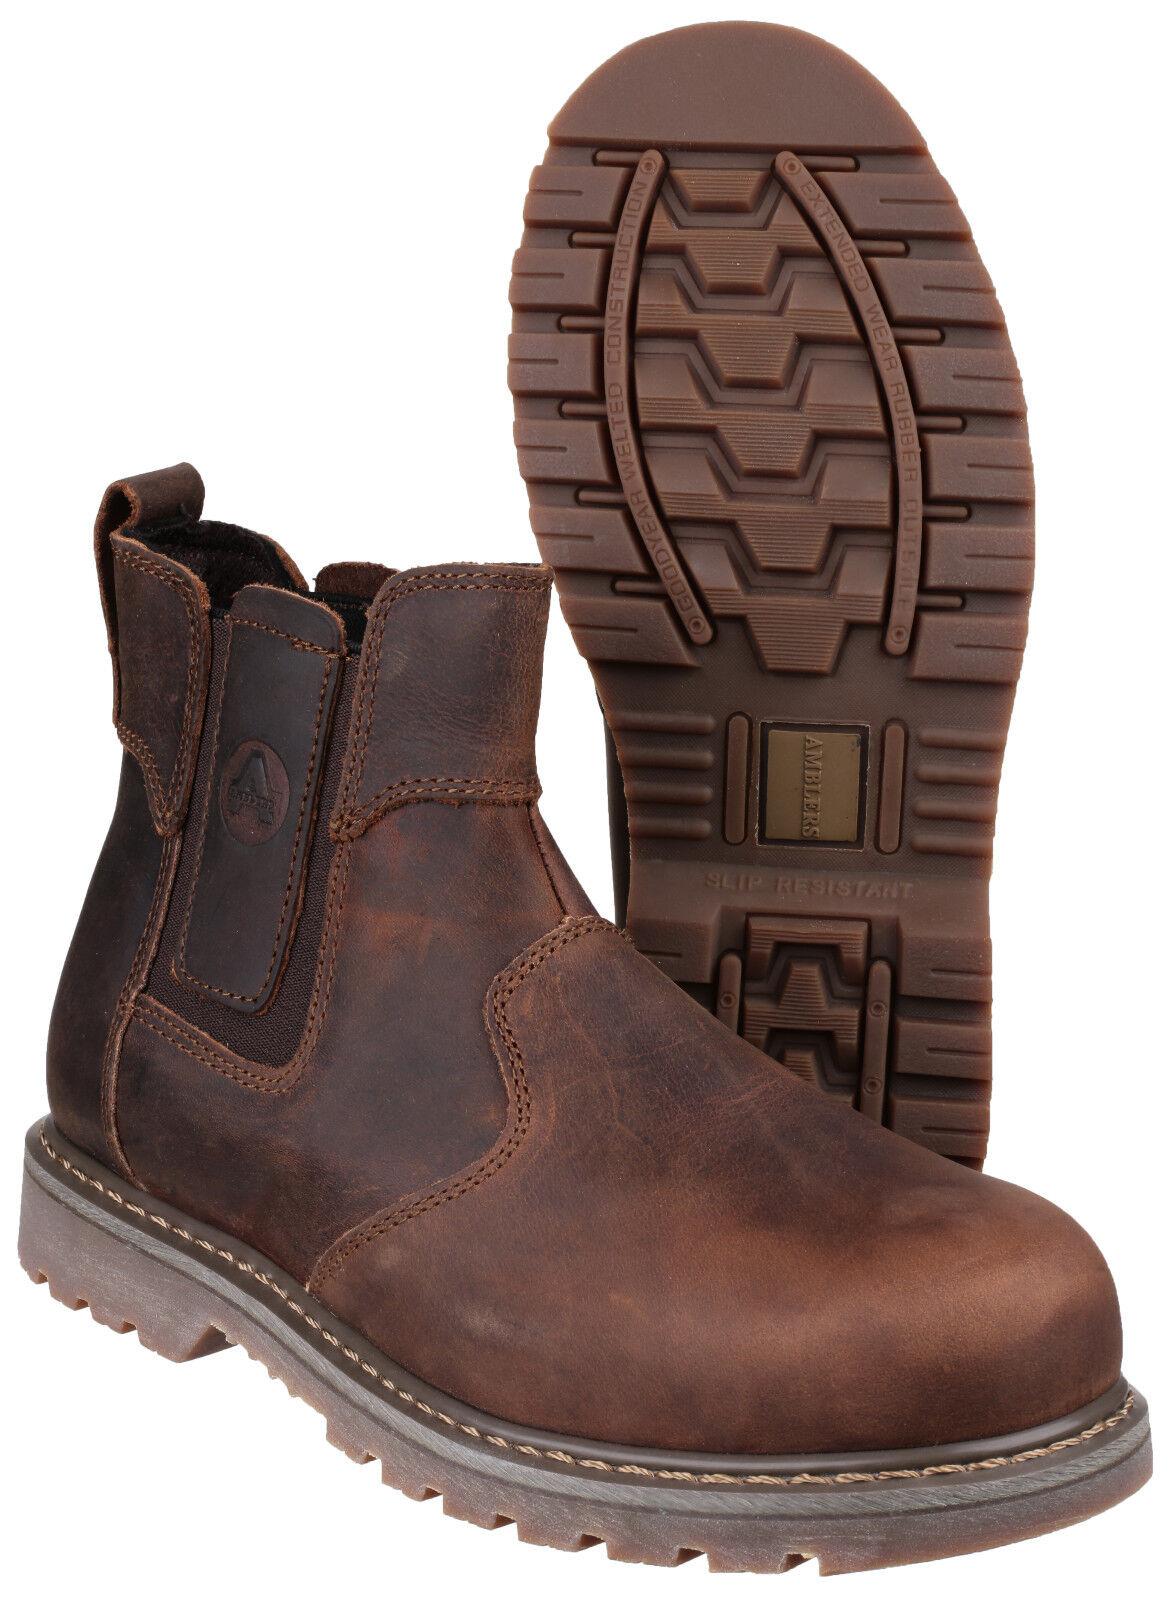 Amblers Acciaio FS165 la Sicurezza Dealer Pull On Boot Marrone Crazy Horse